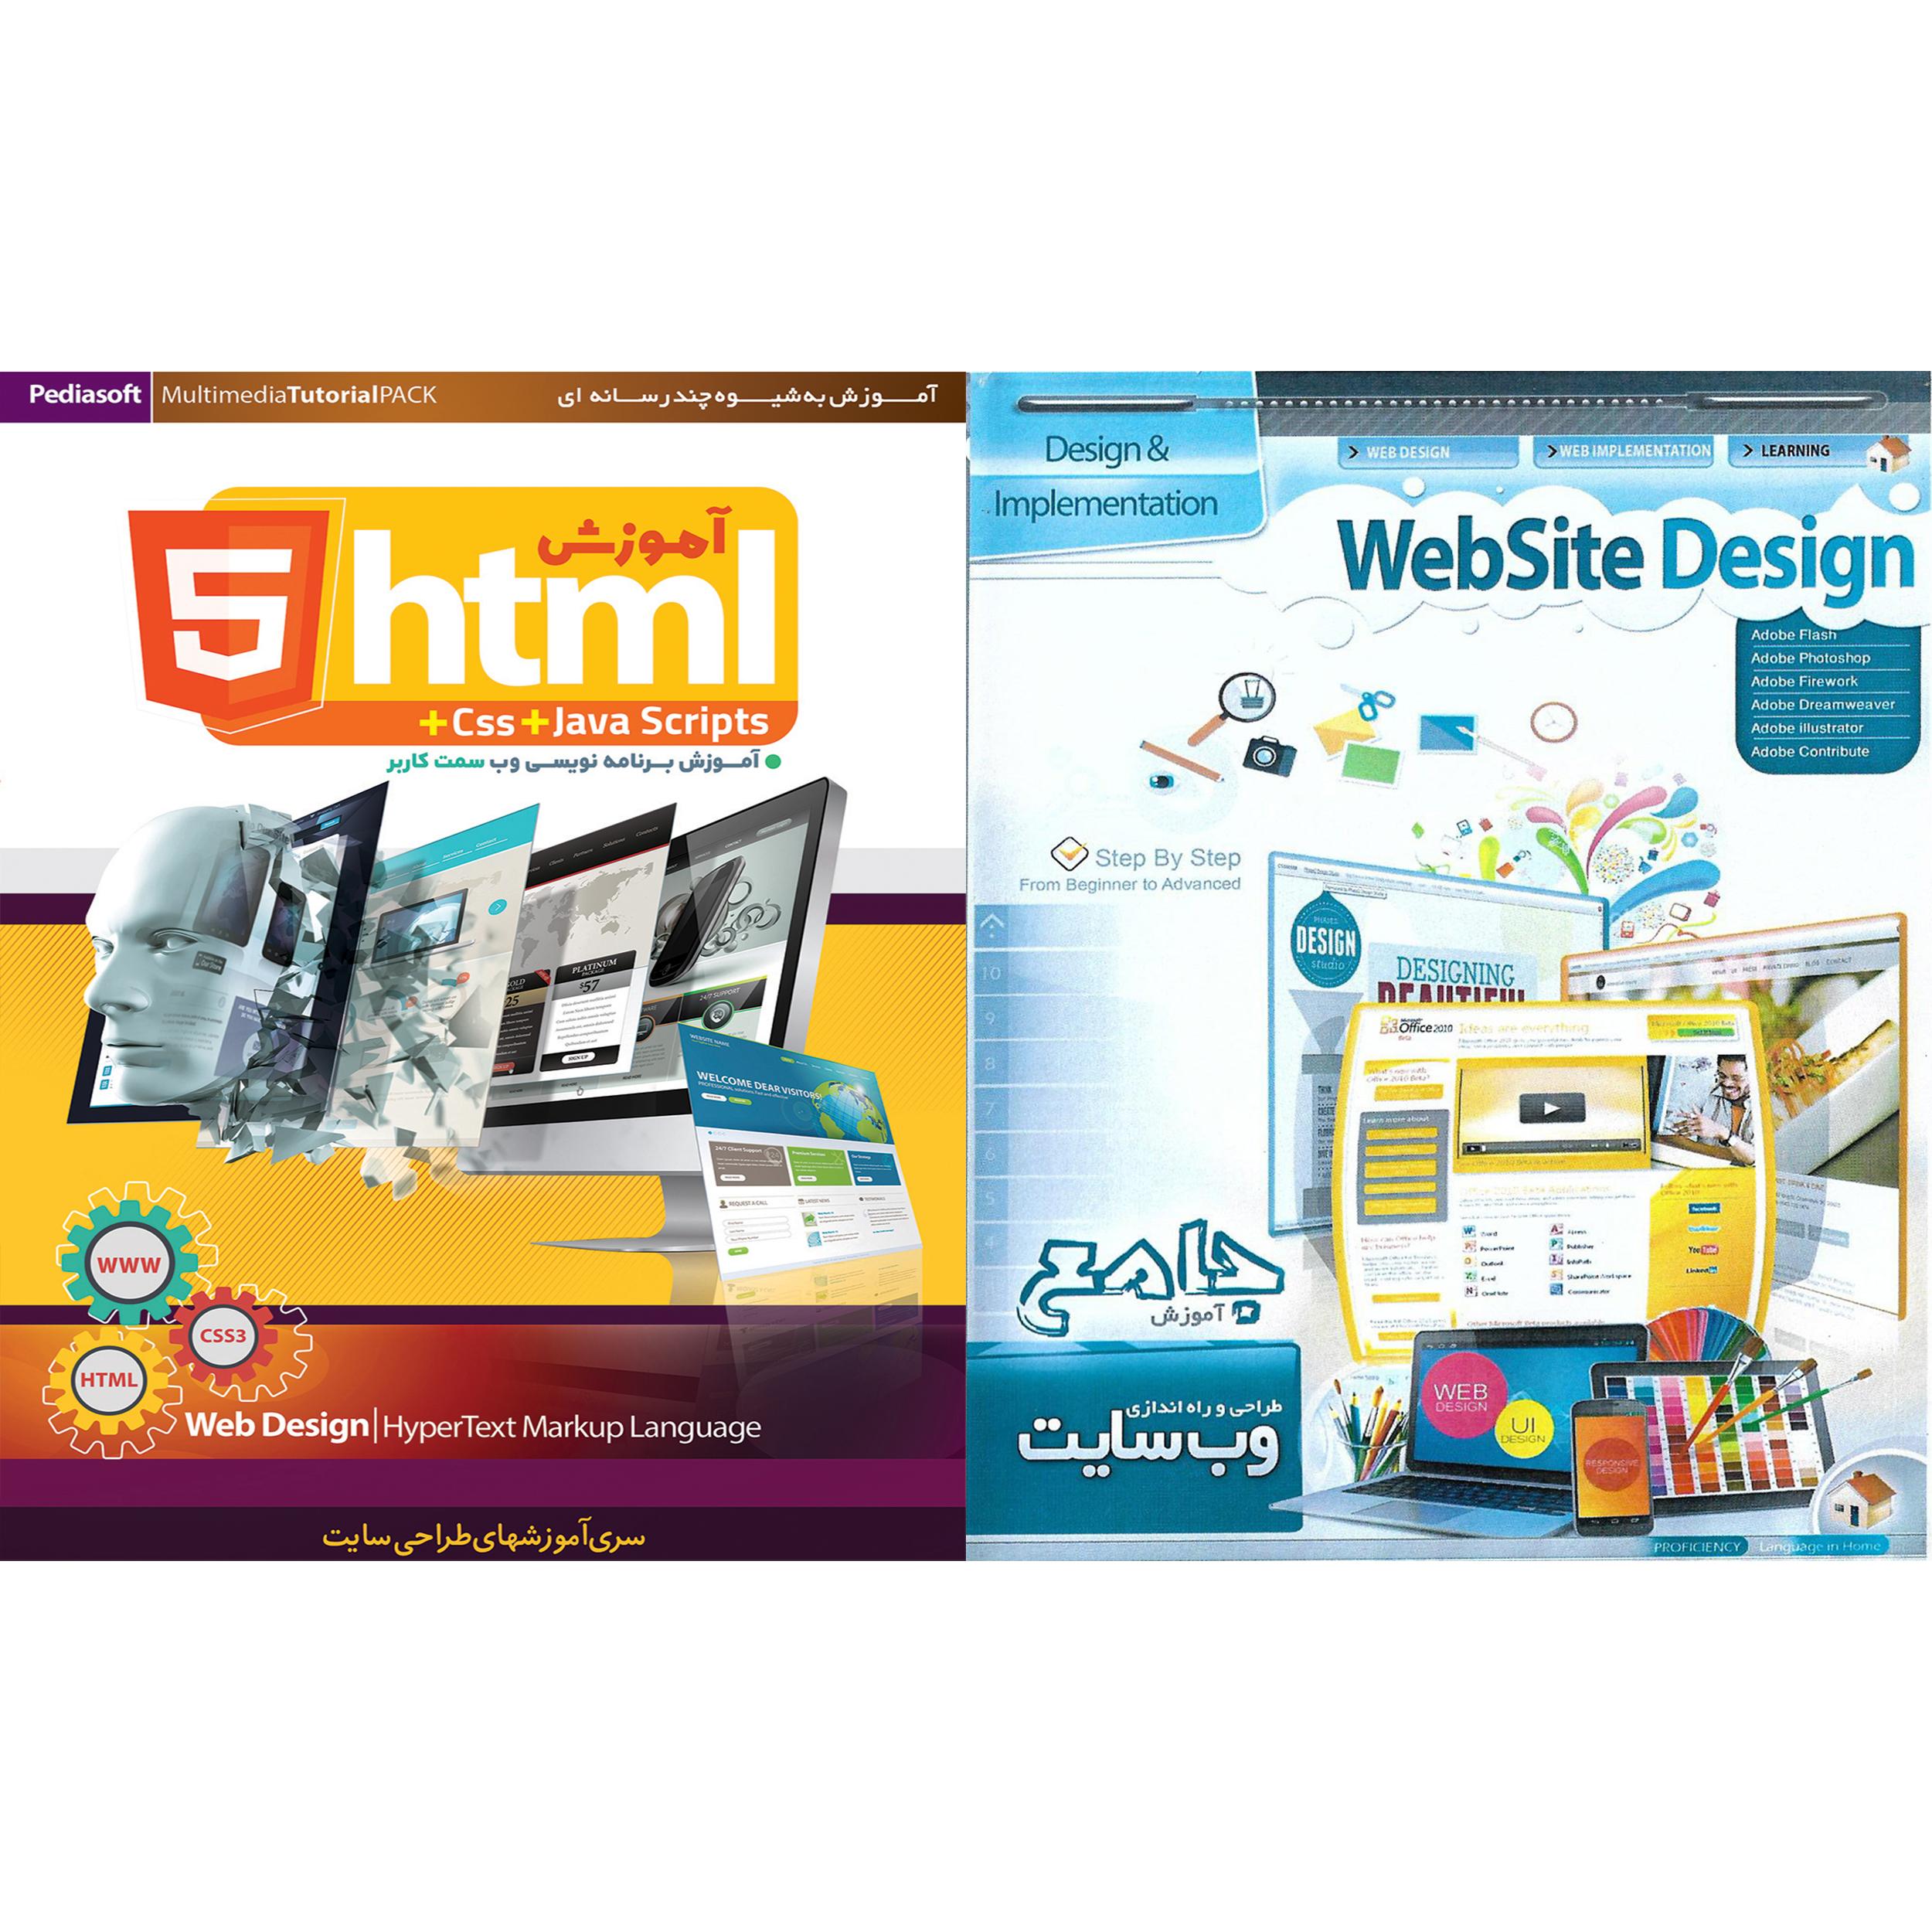 نرم افزار آموزش طراحی و راه اندازی وب سایت نشر پانا به همراه نرم افزار آموزش HTML 5 نشر پدیا سافت